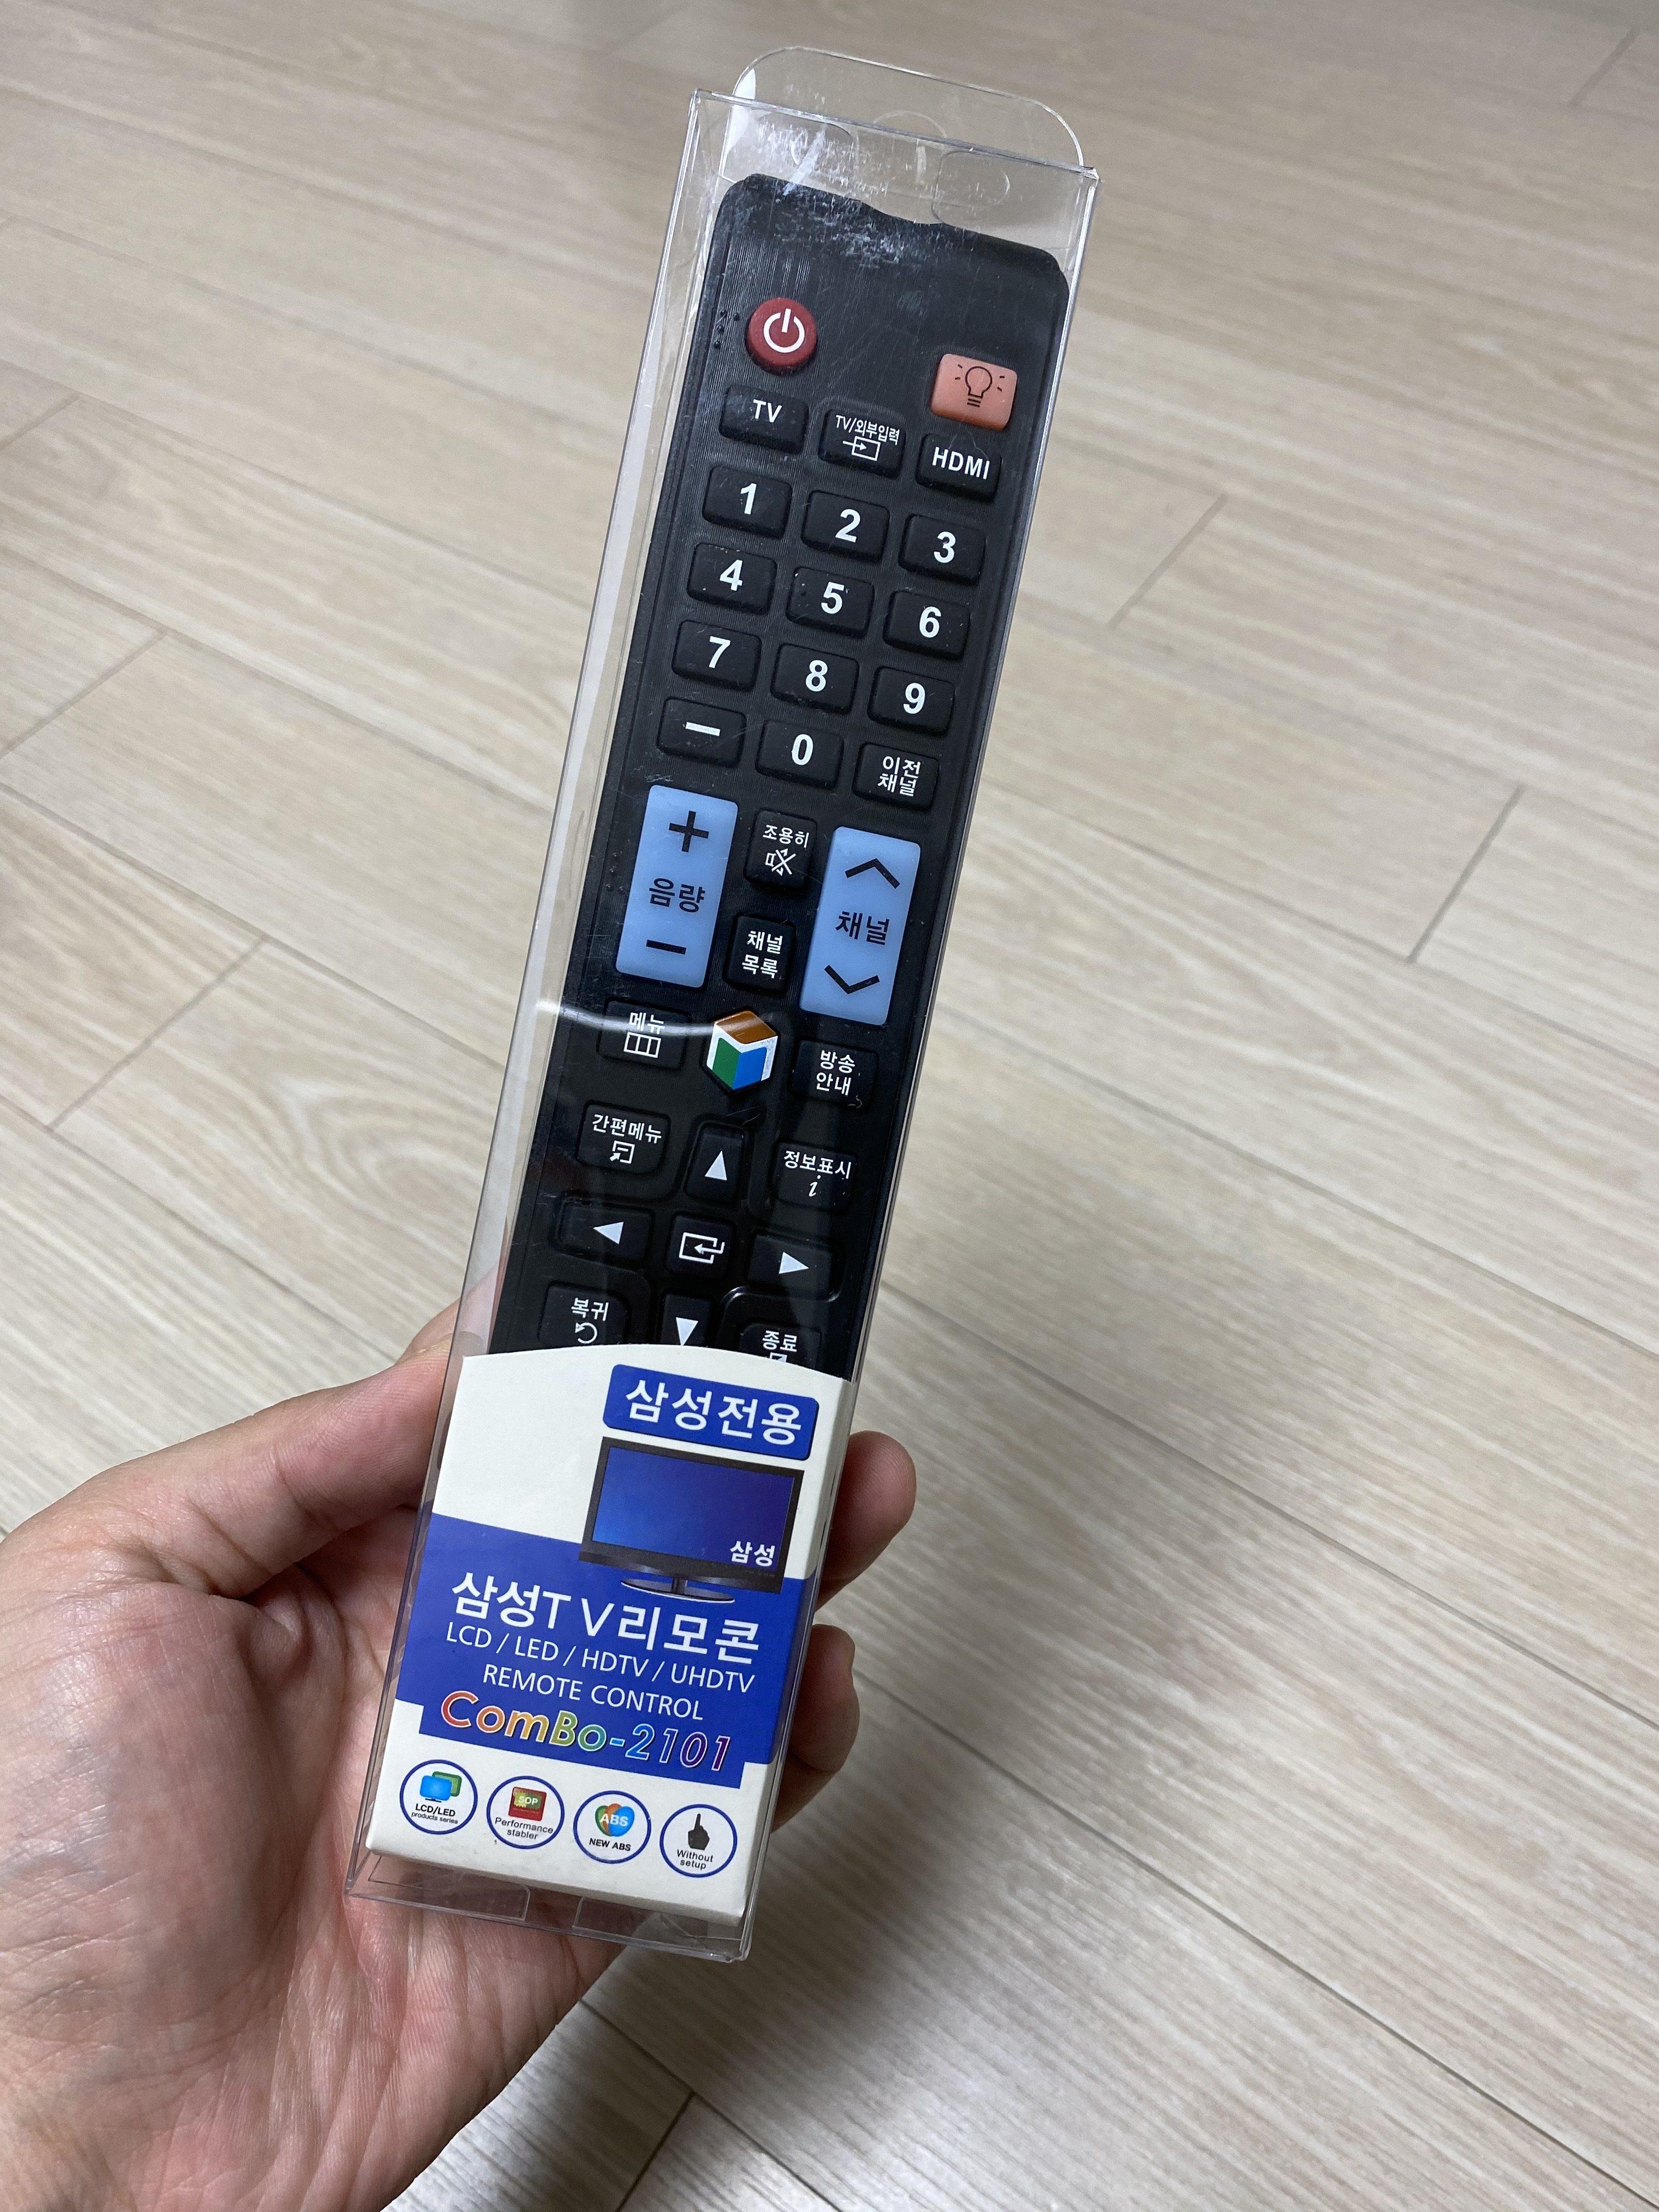 삼성 리모콘 호환 NOTTOO 삼성 TV 전용 리모컨 COMBO-2101 구매 후기